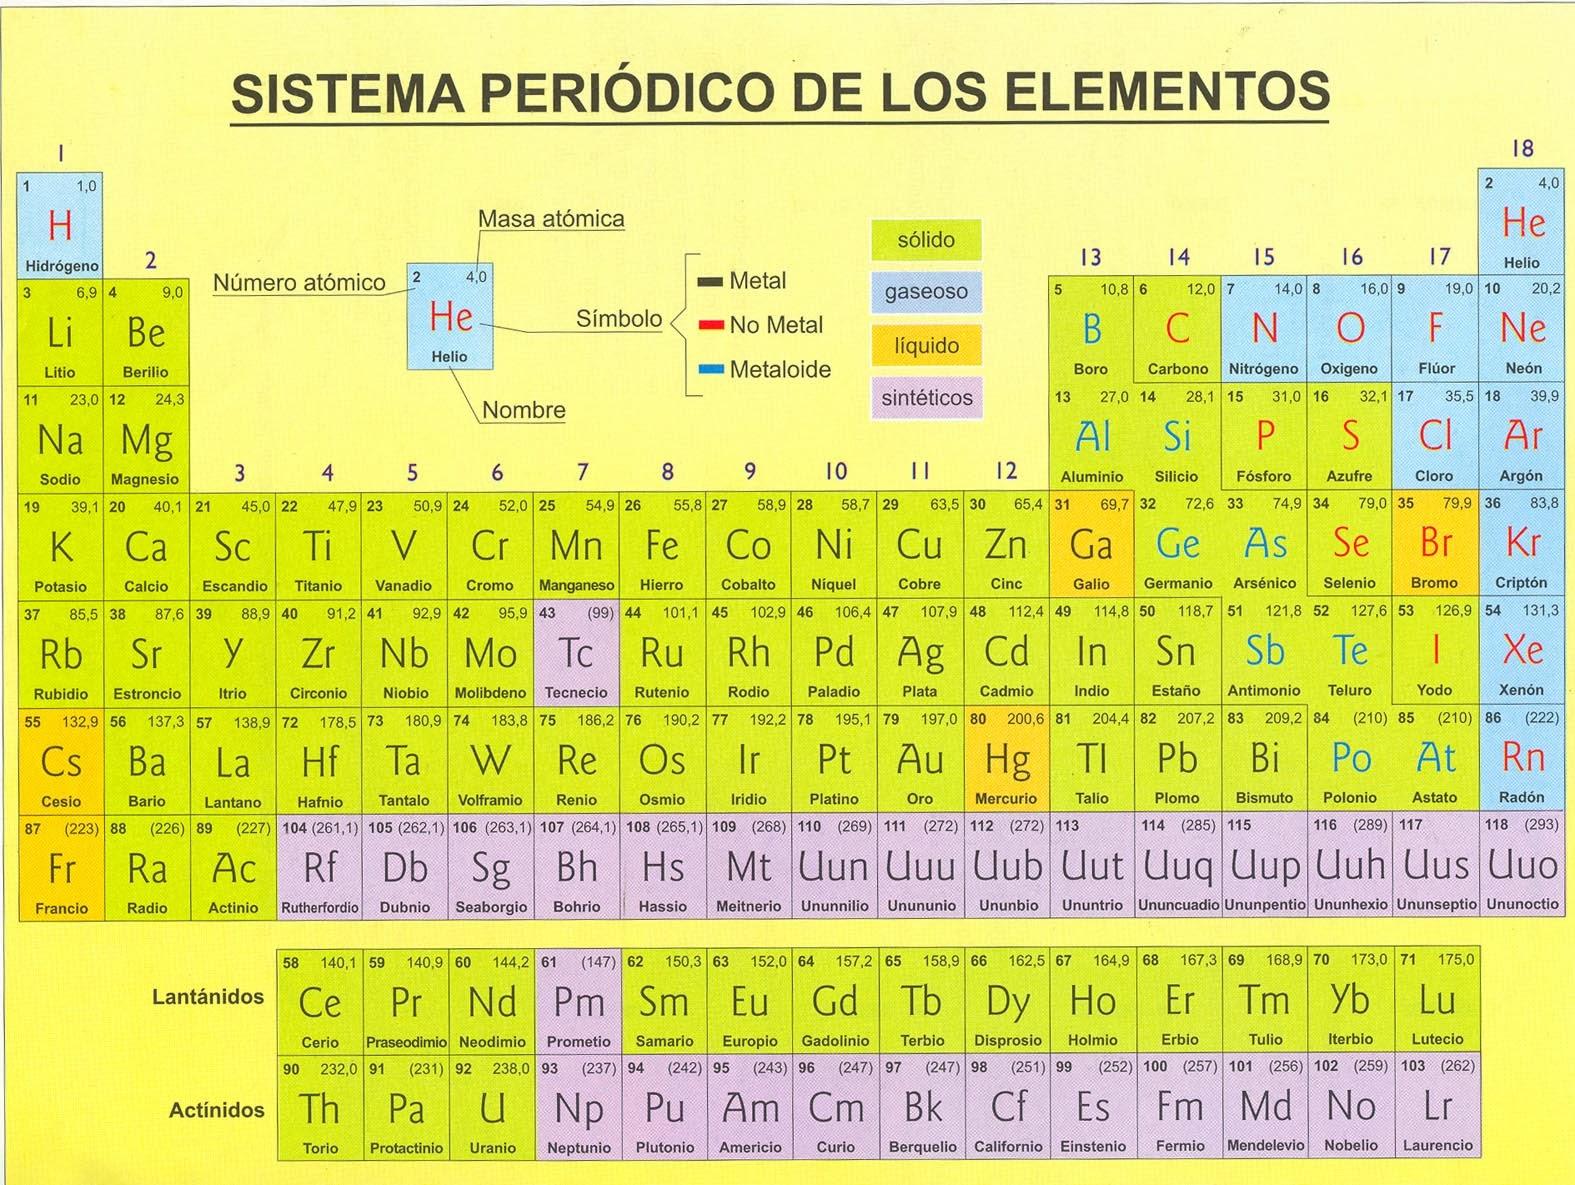 adems he encontrado un enlace interesante en el que podis resolver algunas dudas y curiosear acerca de la tabla pinchando en cada uno de los elementos - Ver Una Tabla Periodica Completa